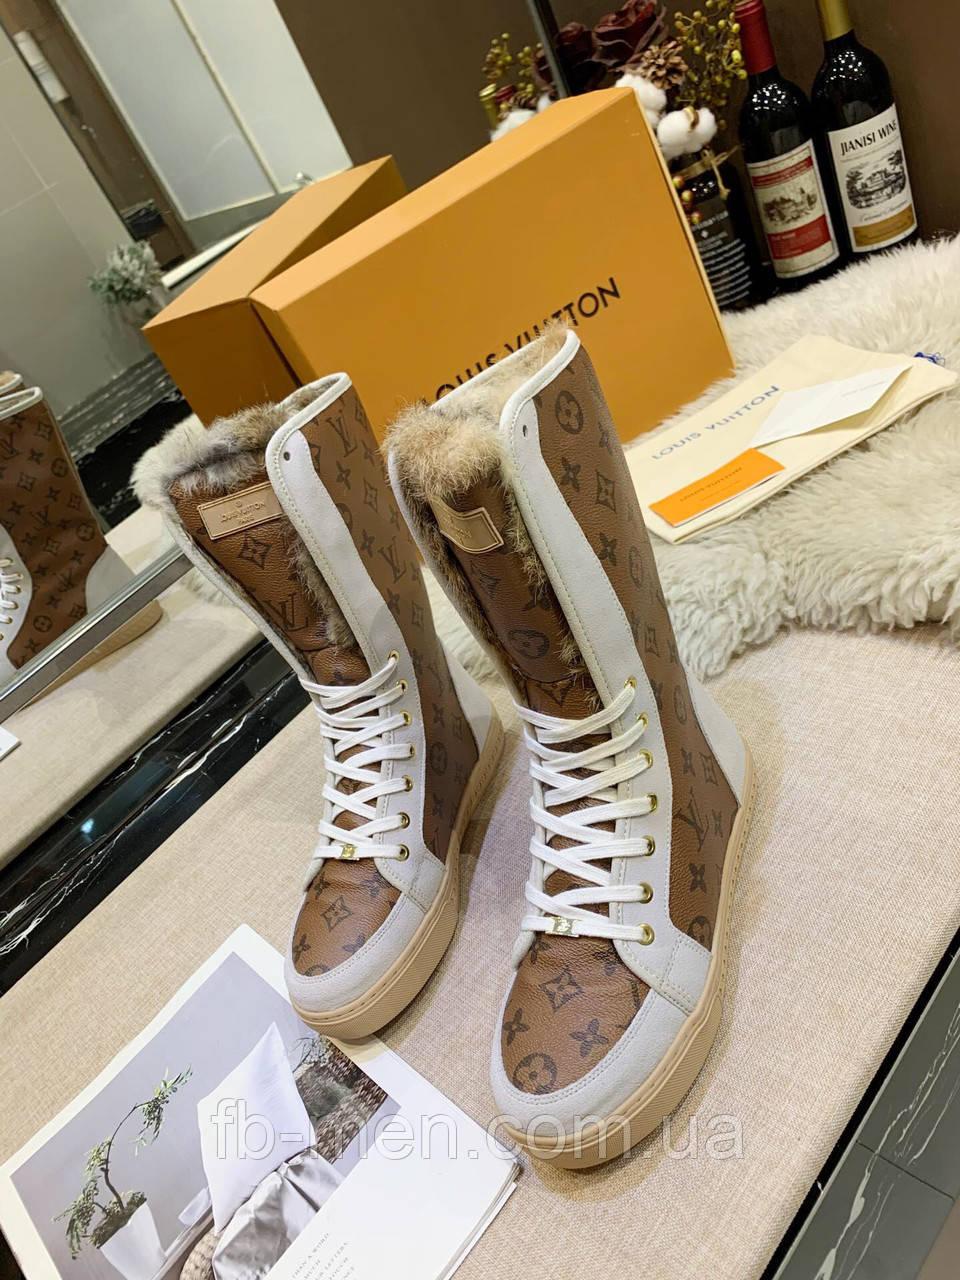 Высокие бело-коричневые ботинки Louis Vuitton на шнуровке